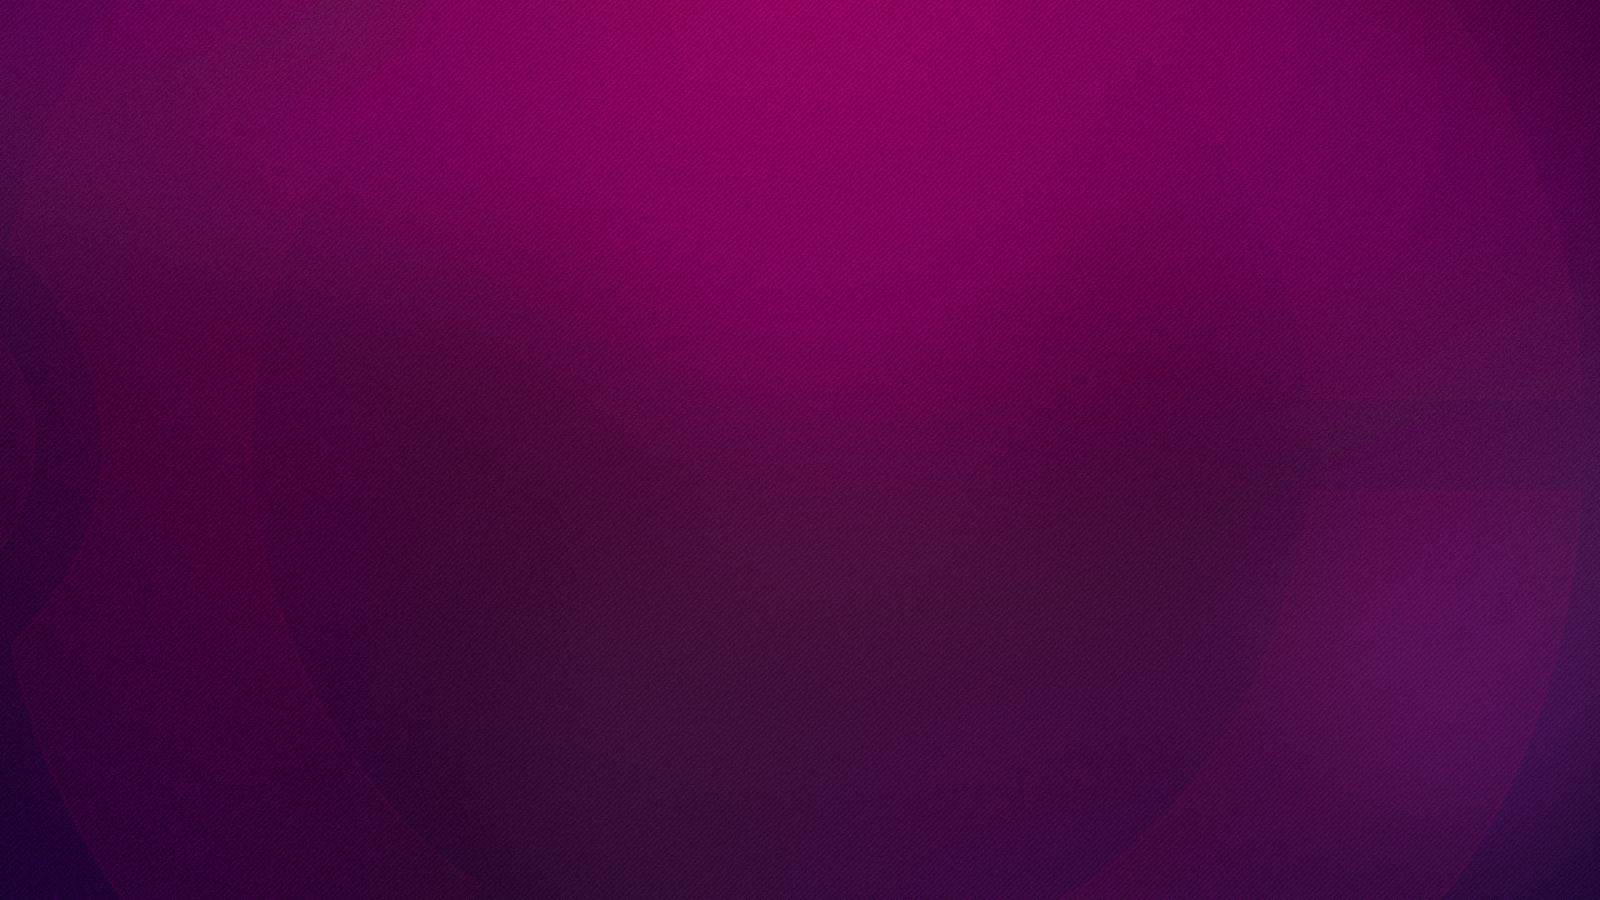 Как сделать фиолетовый фон на фото